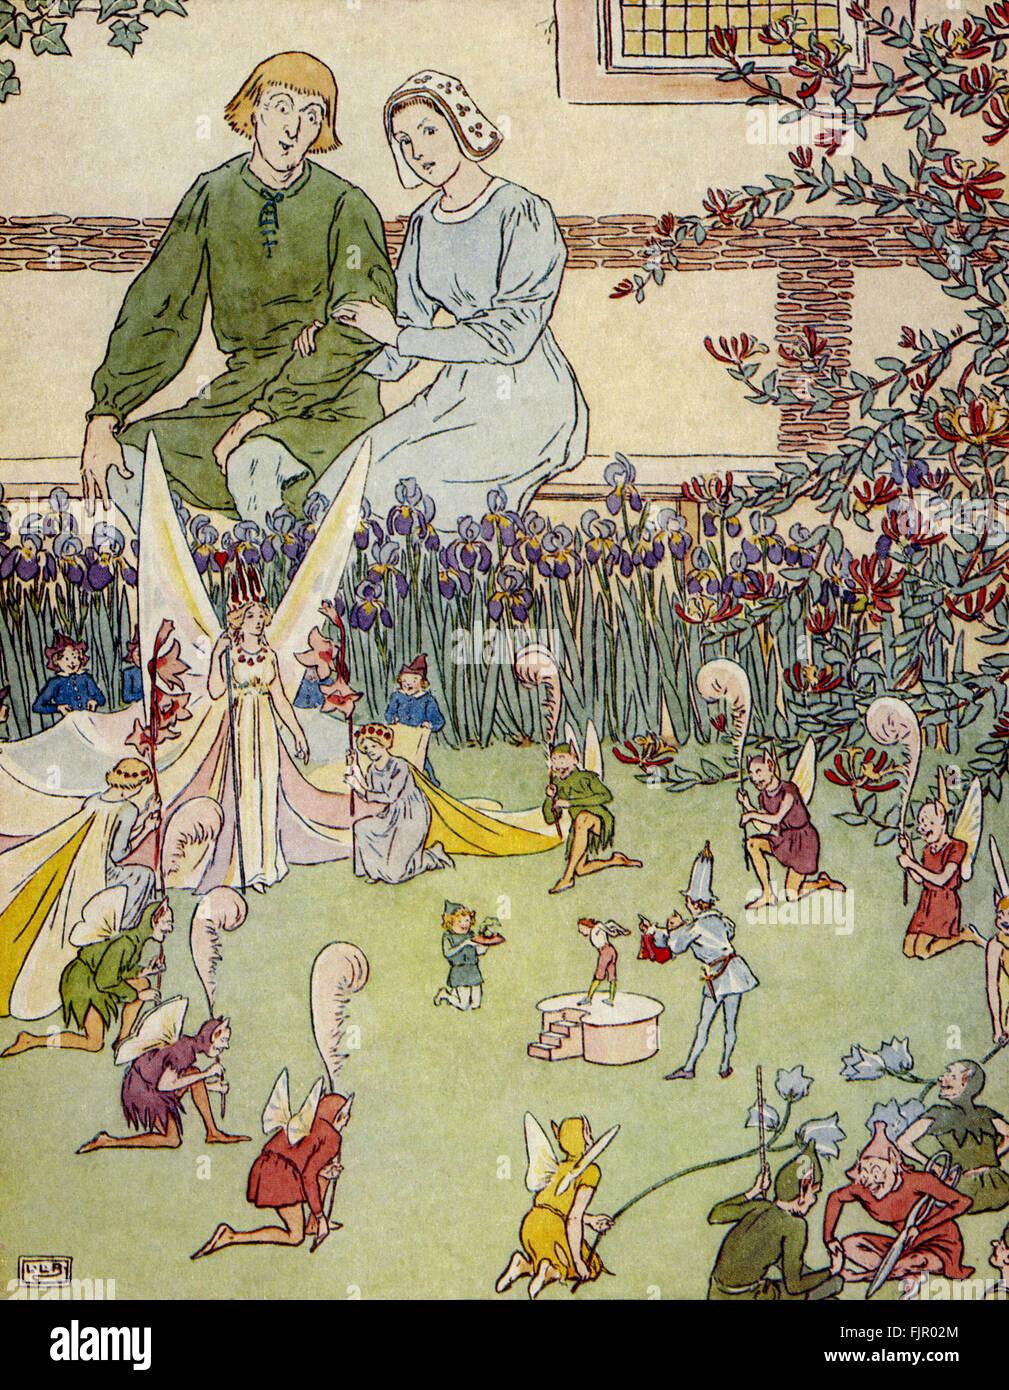 Däumling, die Feen-Königin und die Wichtel geben Kleidung zu Tom Thumb, von The Golden Goose Book, 1905, Stockbild